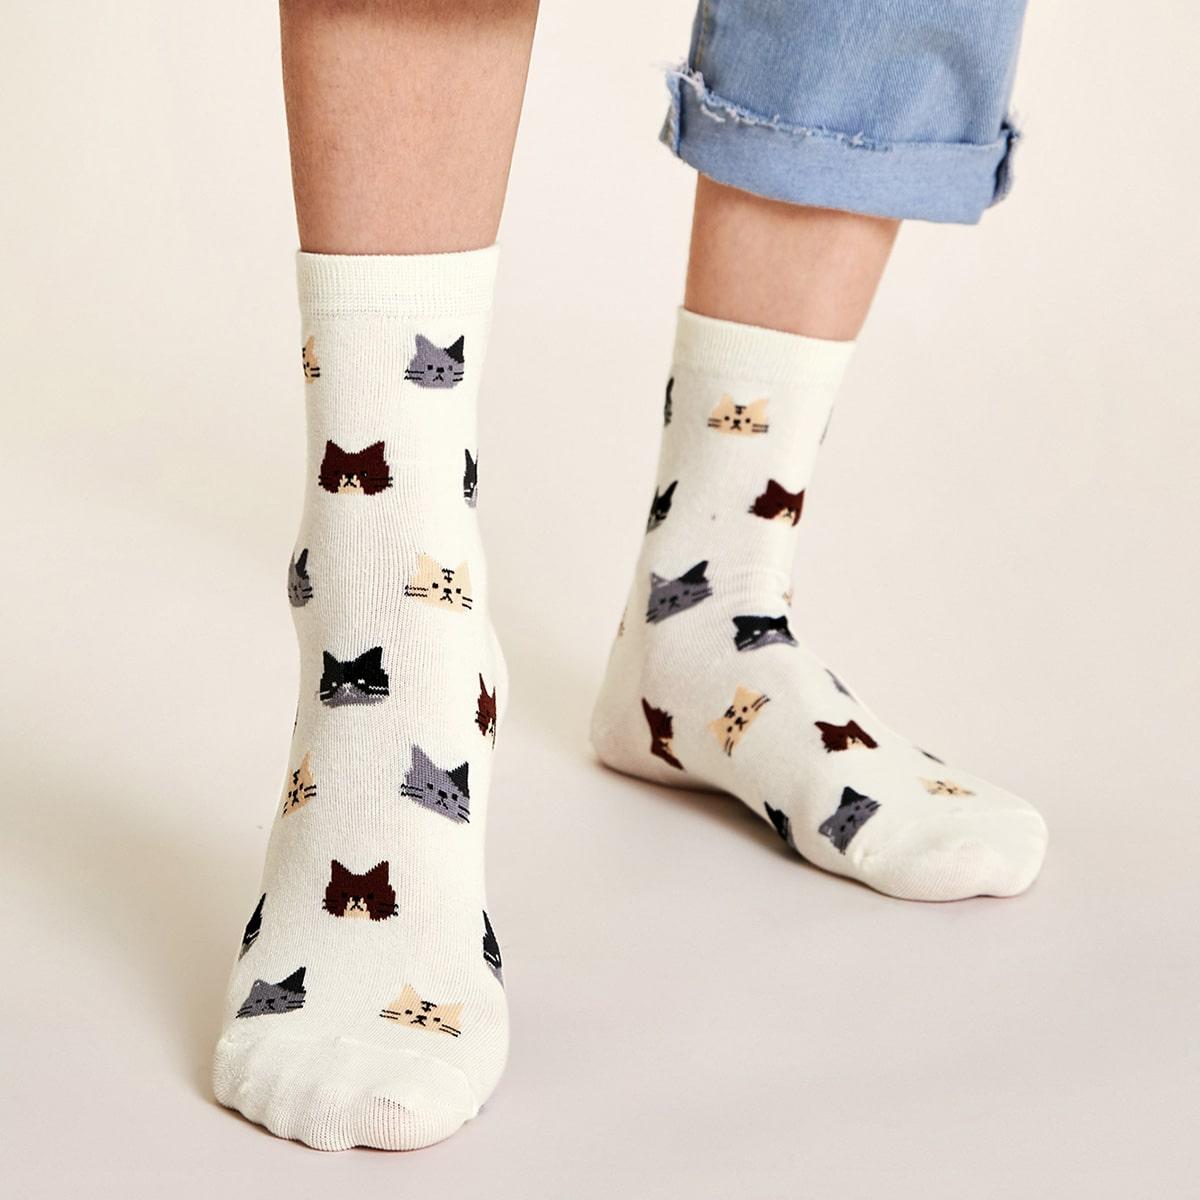 SHEIN / Socken mit Katze Muster 1 Paar